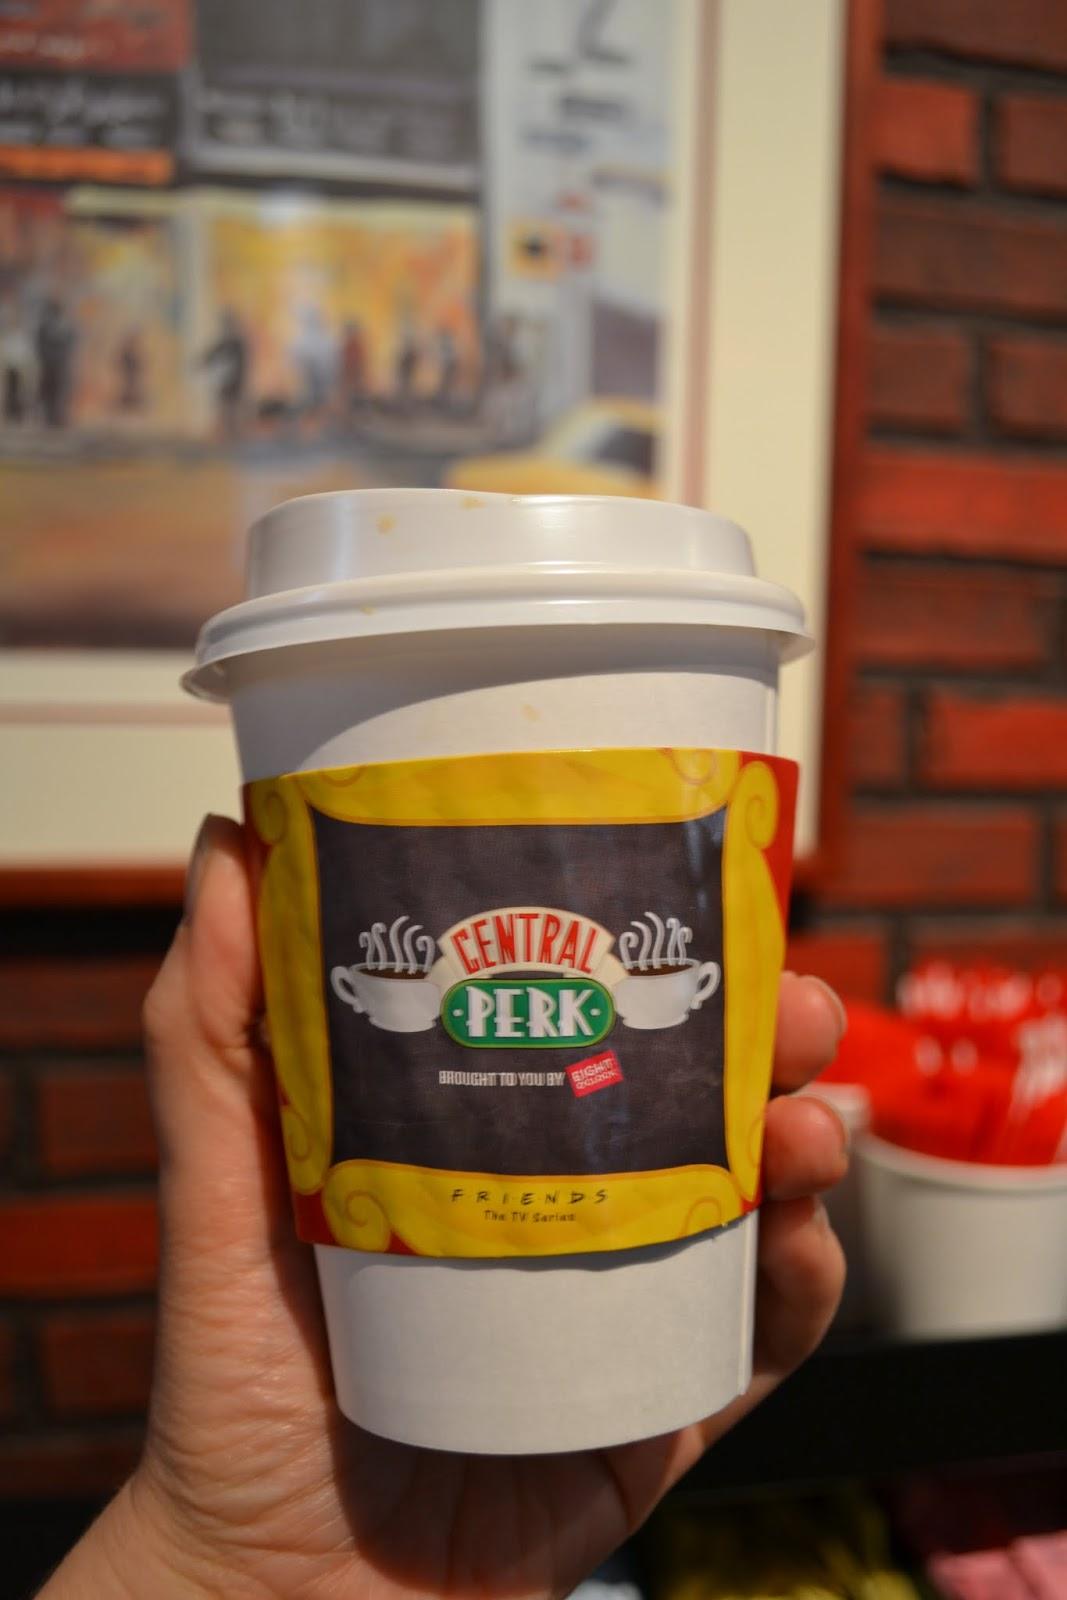 """Утренний кофе в кафе Централ Перк(Central Perk) из сериала """"Друзья"""" (""""Friends"""")"""